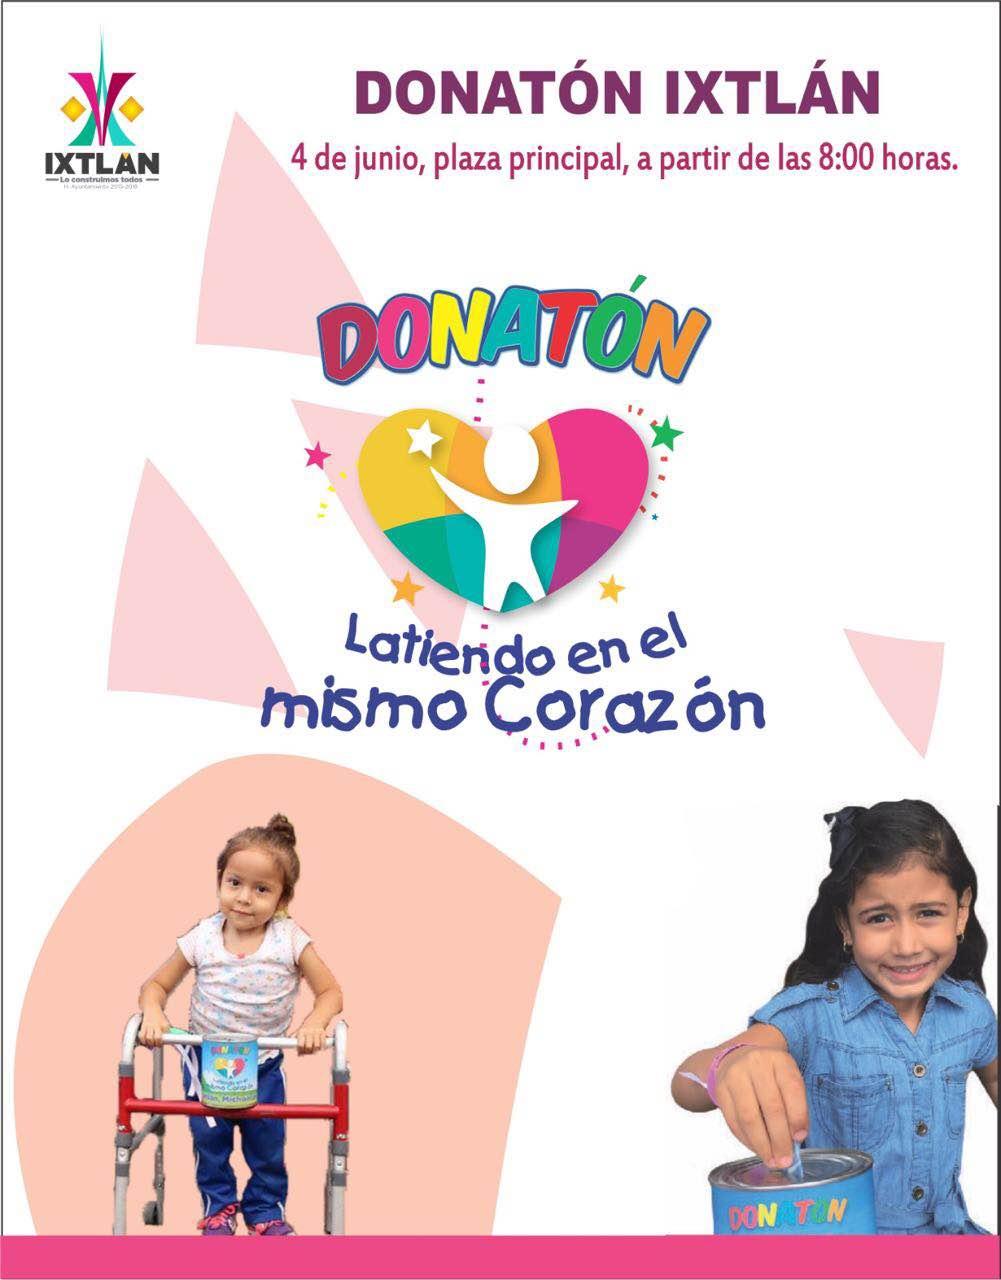 Todo listo para el Donatón Ixtlán 2016